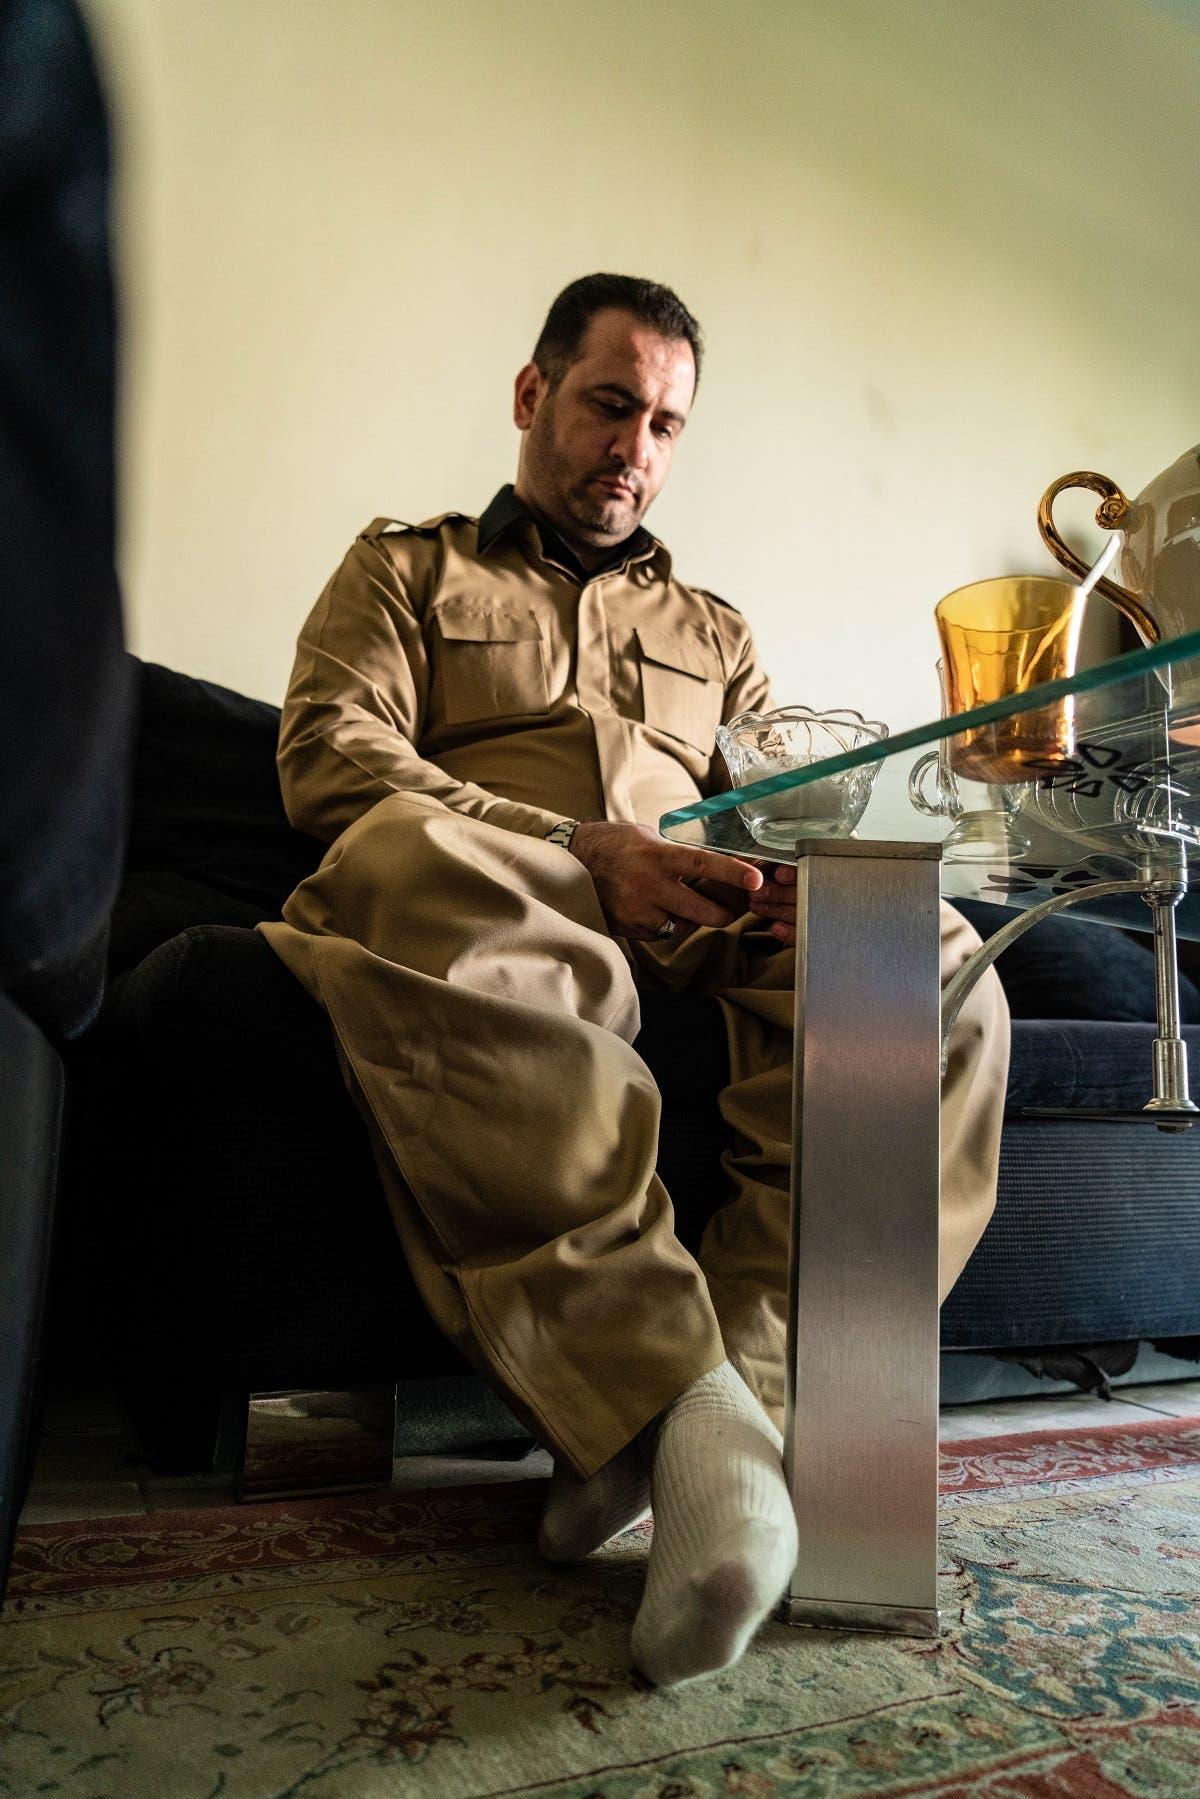 Hassan Karimi, ex-Iranian prisoner. (Al Arabiya English/Omar el-Katouri)